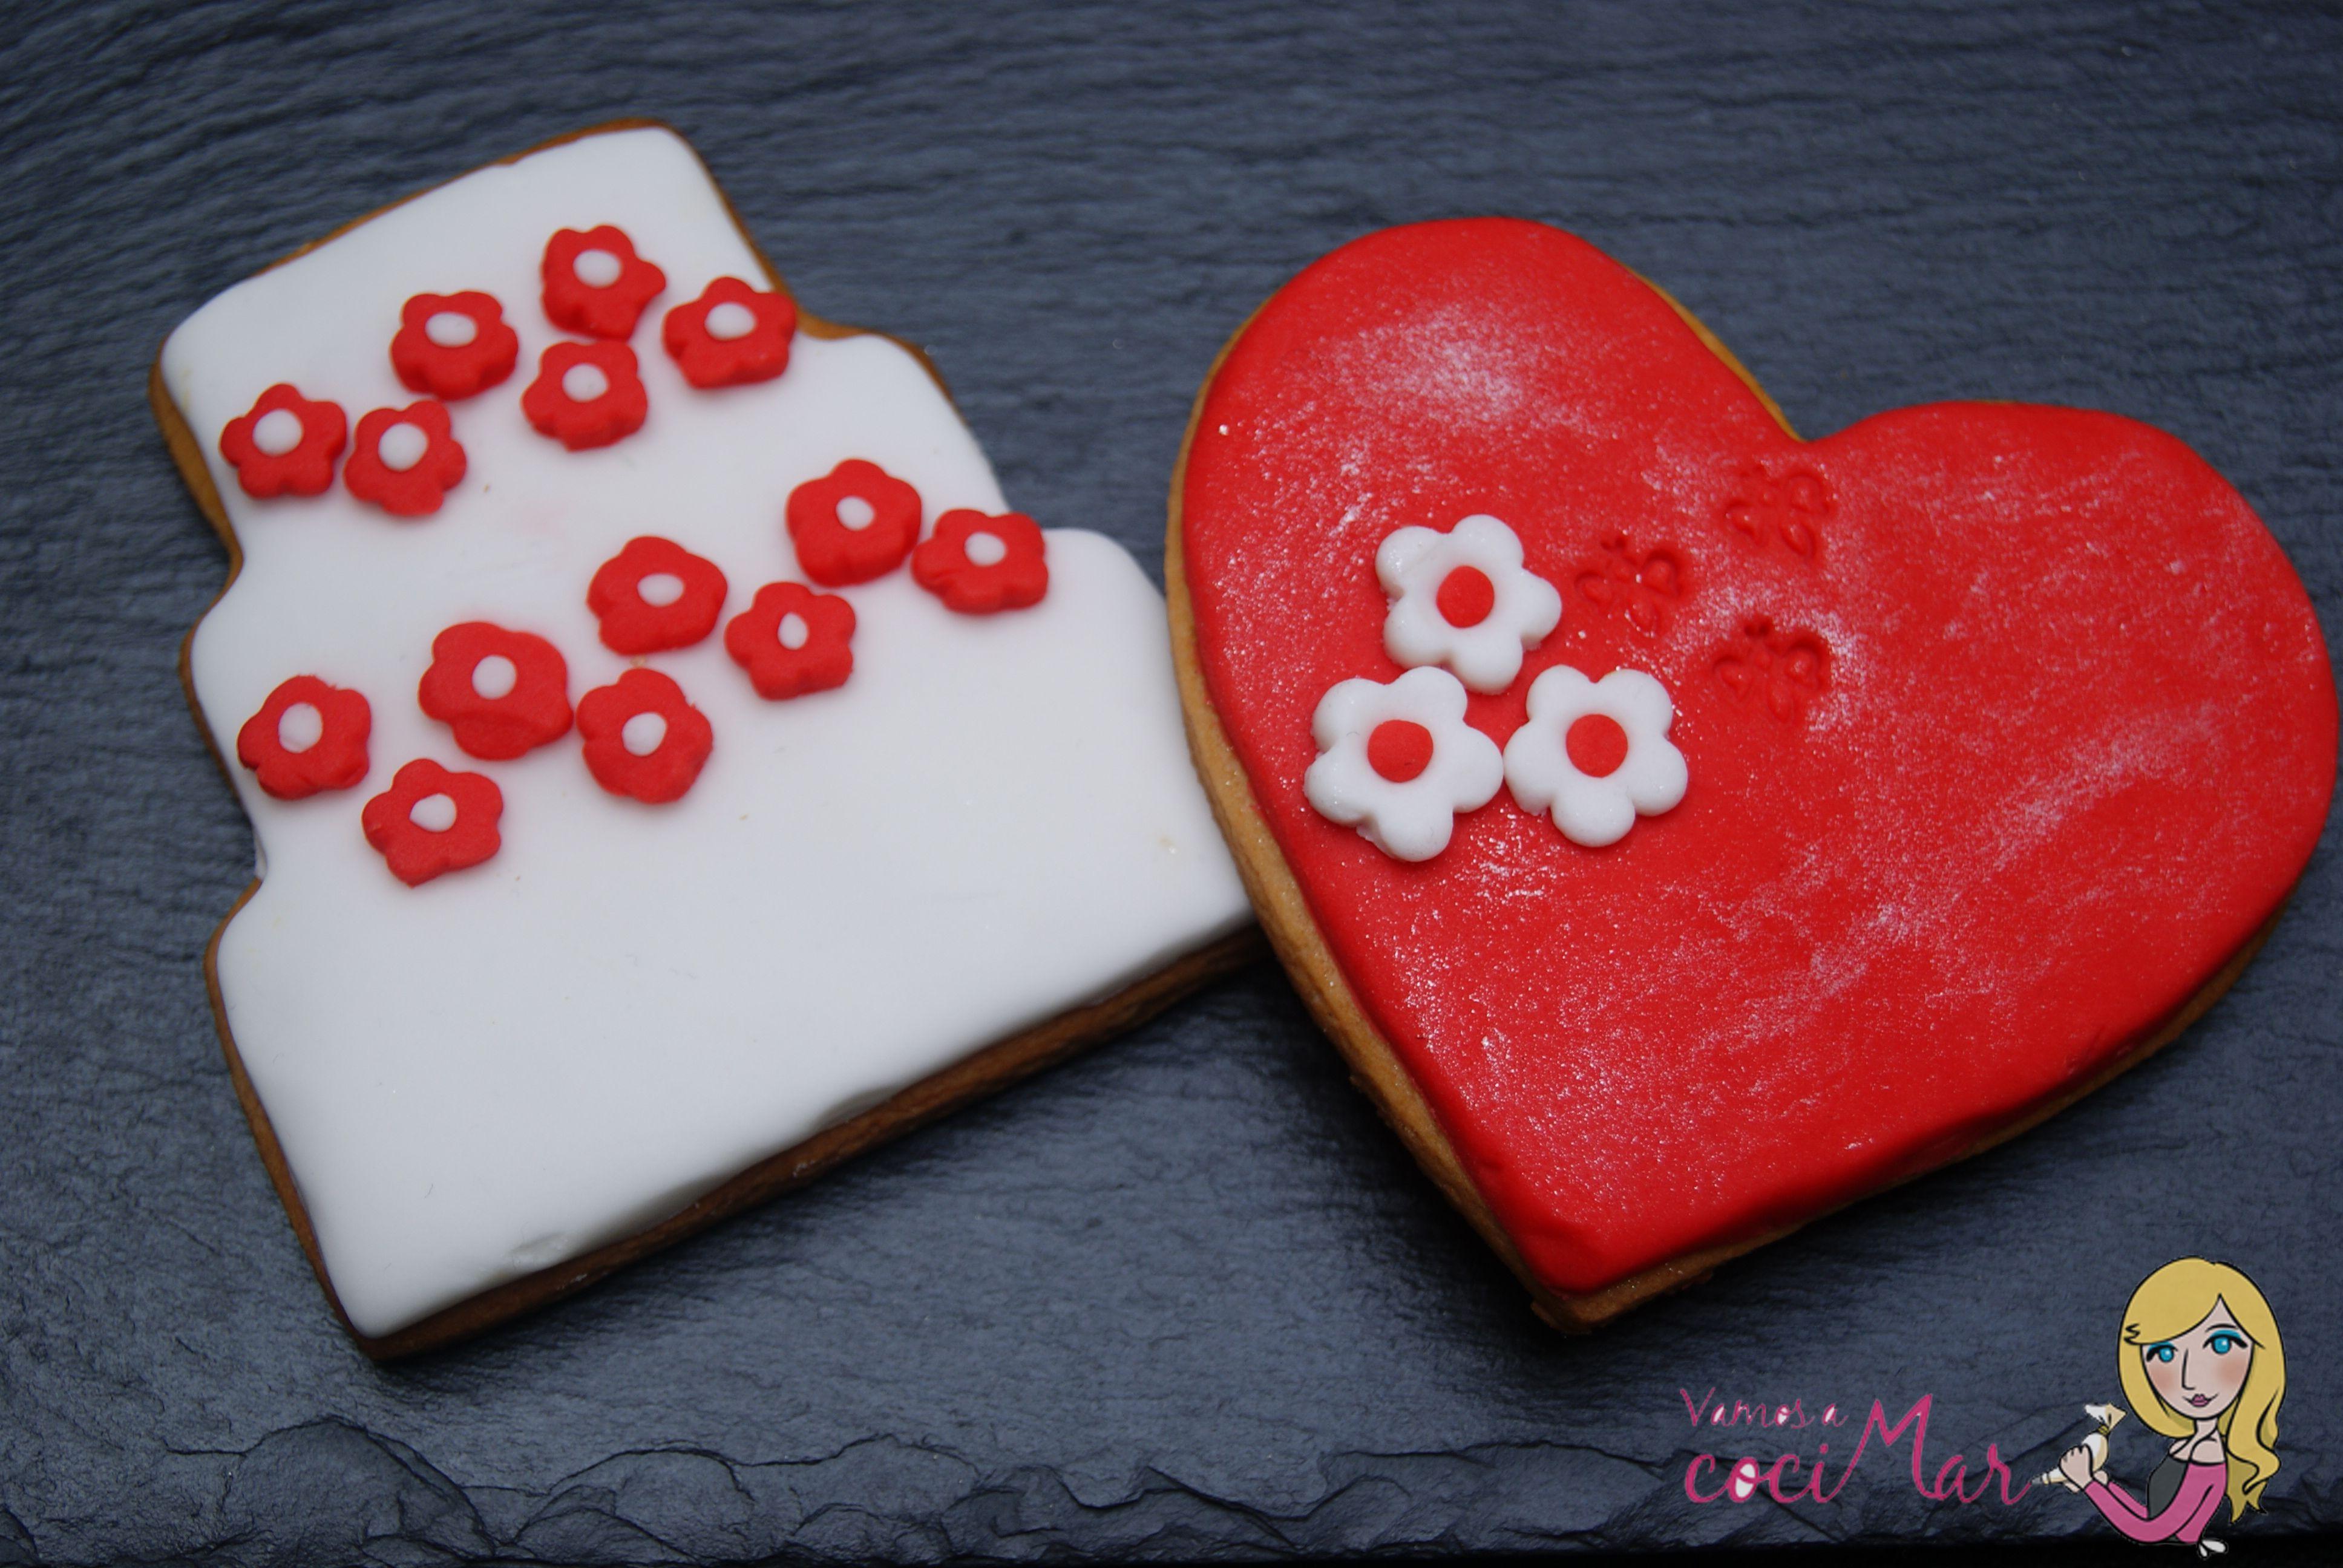 galletitas decoradas para cumpleaños - Buscar con Google